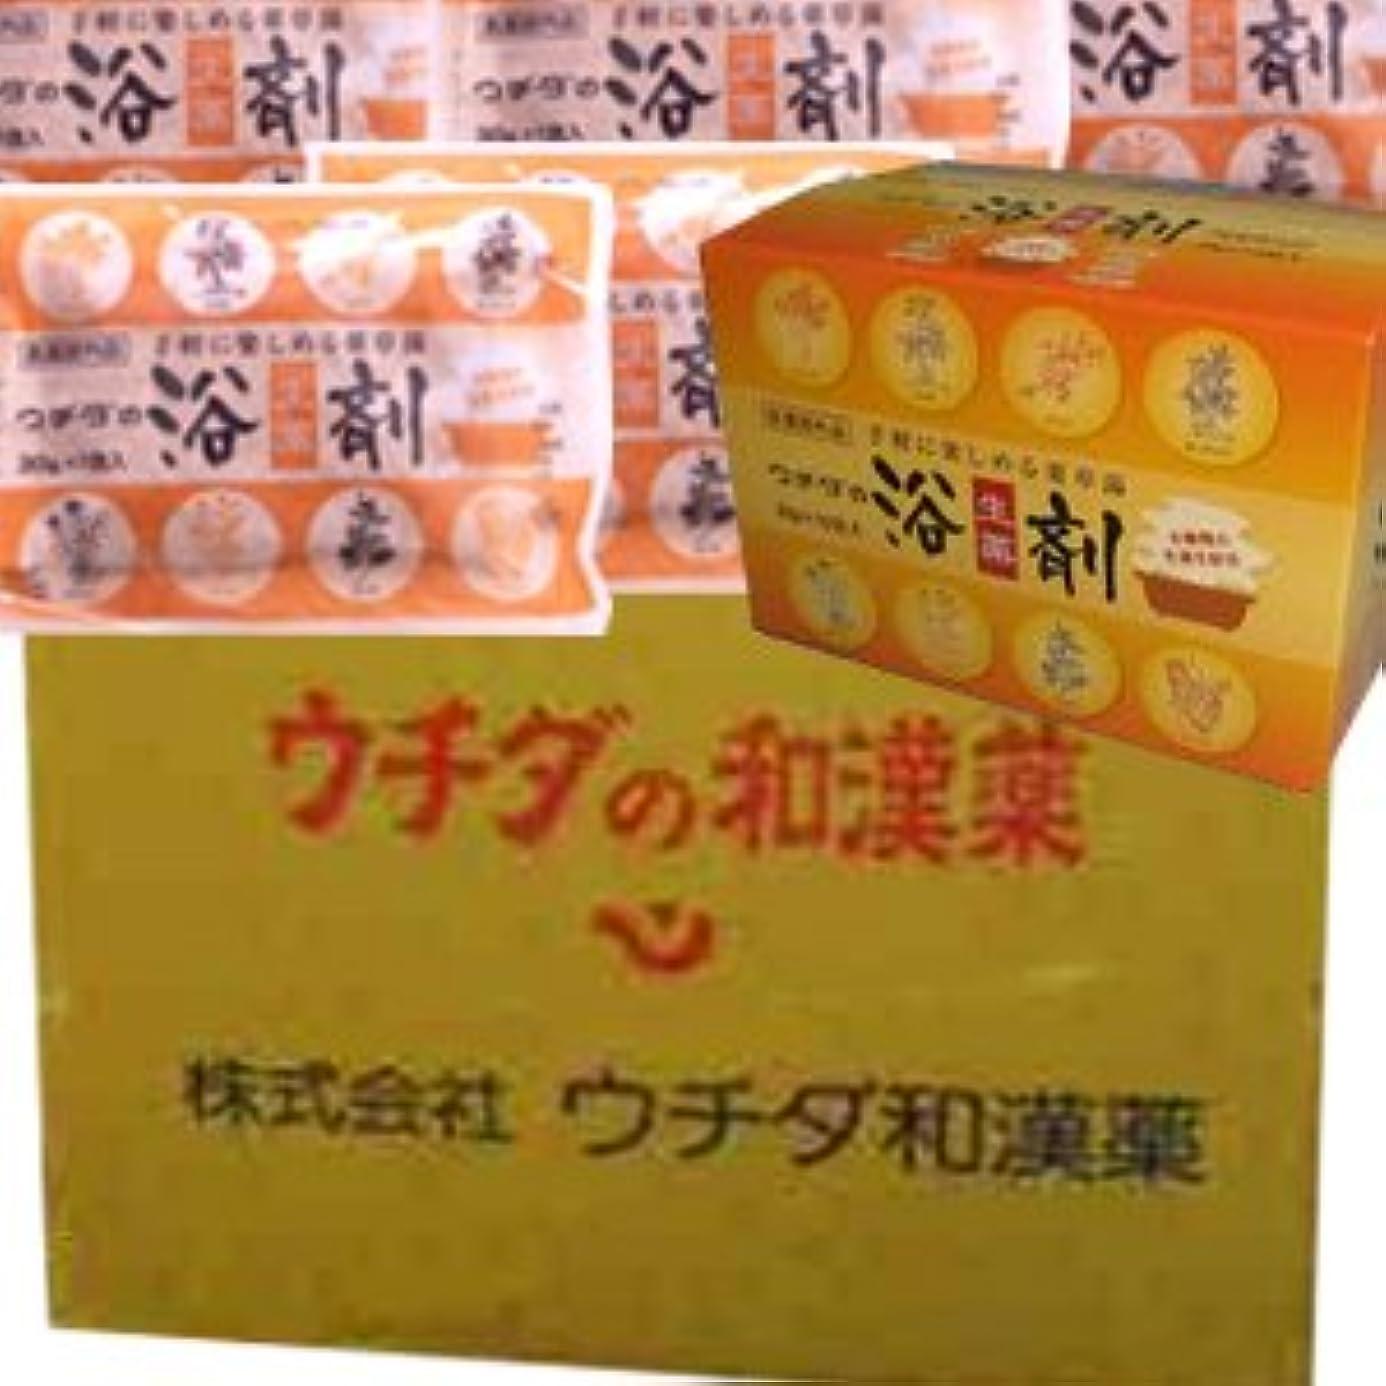 司教すごい晴れ【12個1ケース】 ウチダの浴剤 30g×10袋入×12個+6袋 (4987359400025)